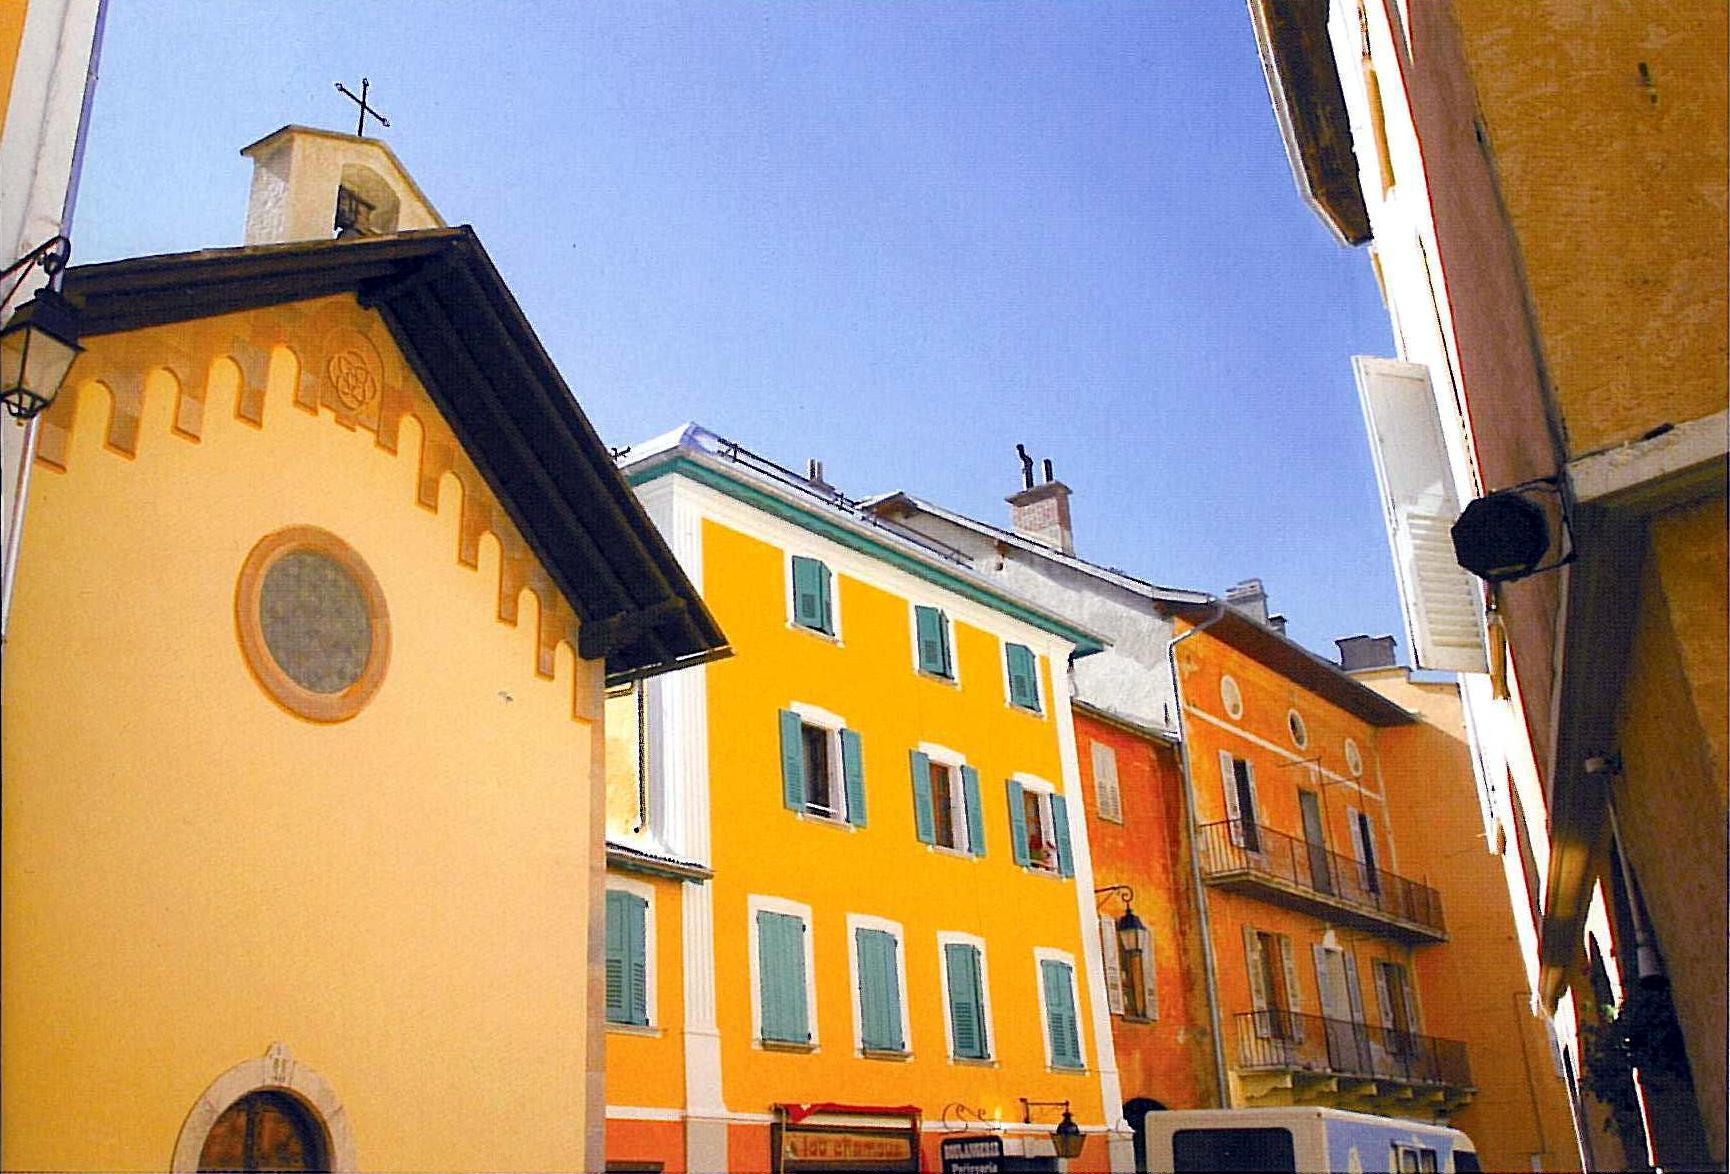 Maisons colorées de Barcelonnette